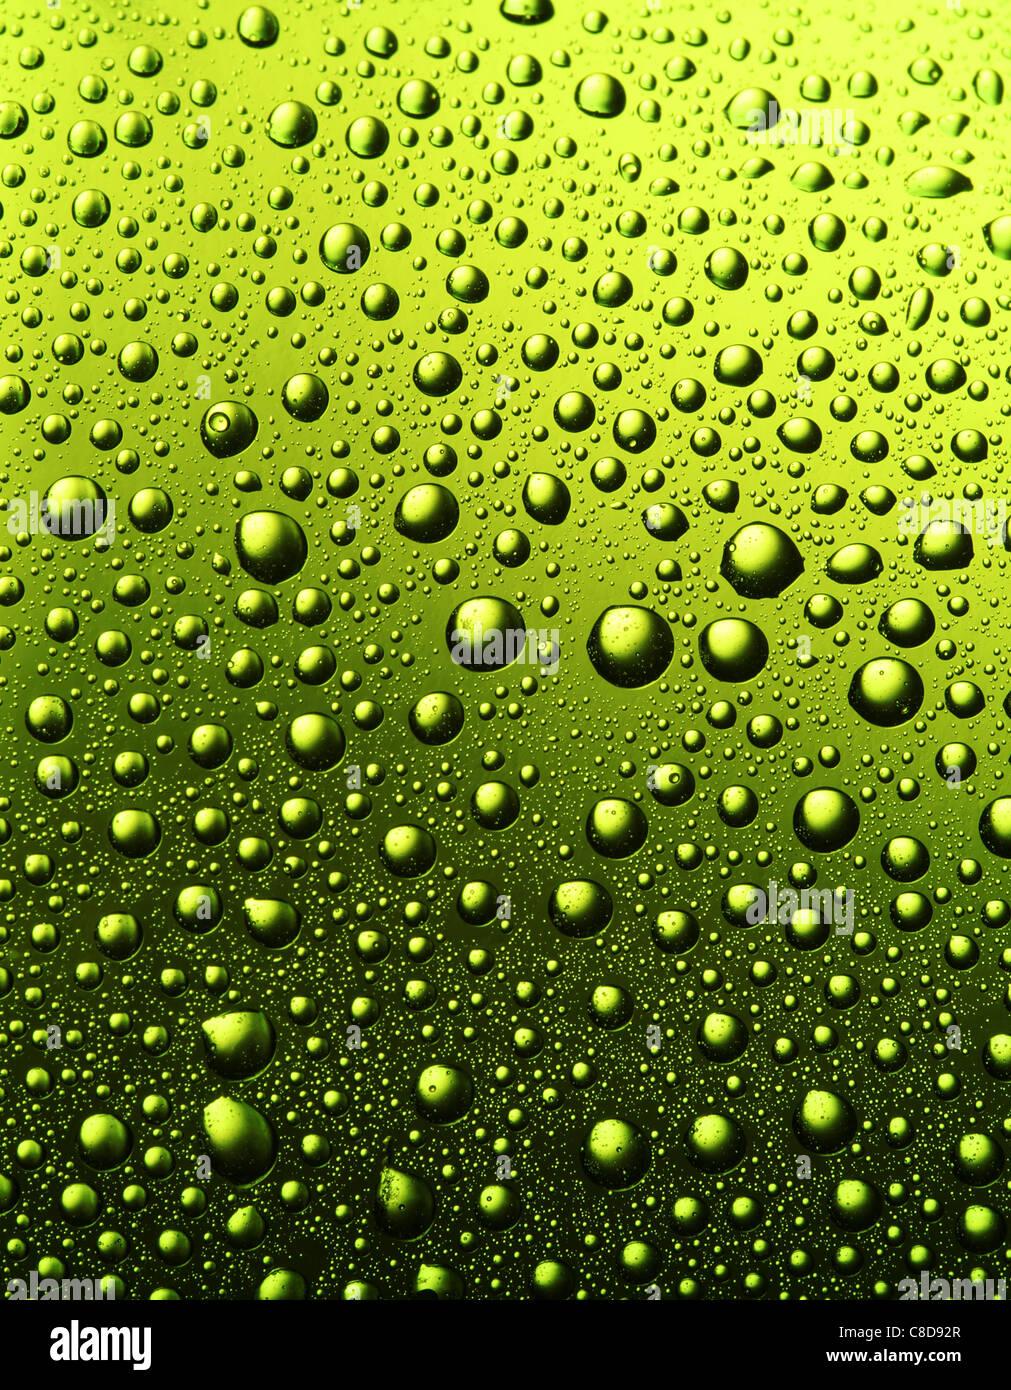 Texture di gocce d'acqua sulla bottiglia di birra. Immagini Stock